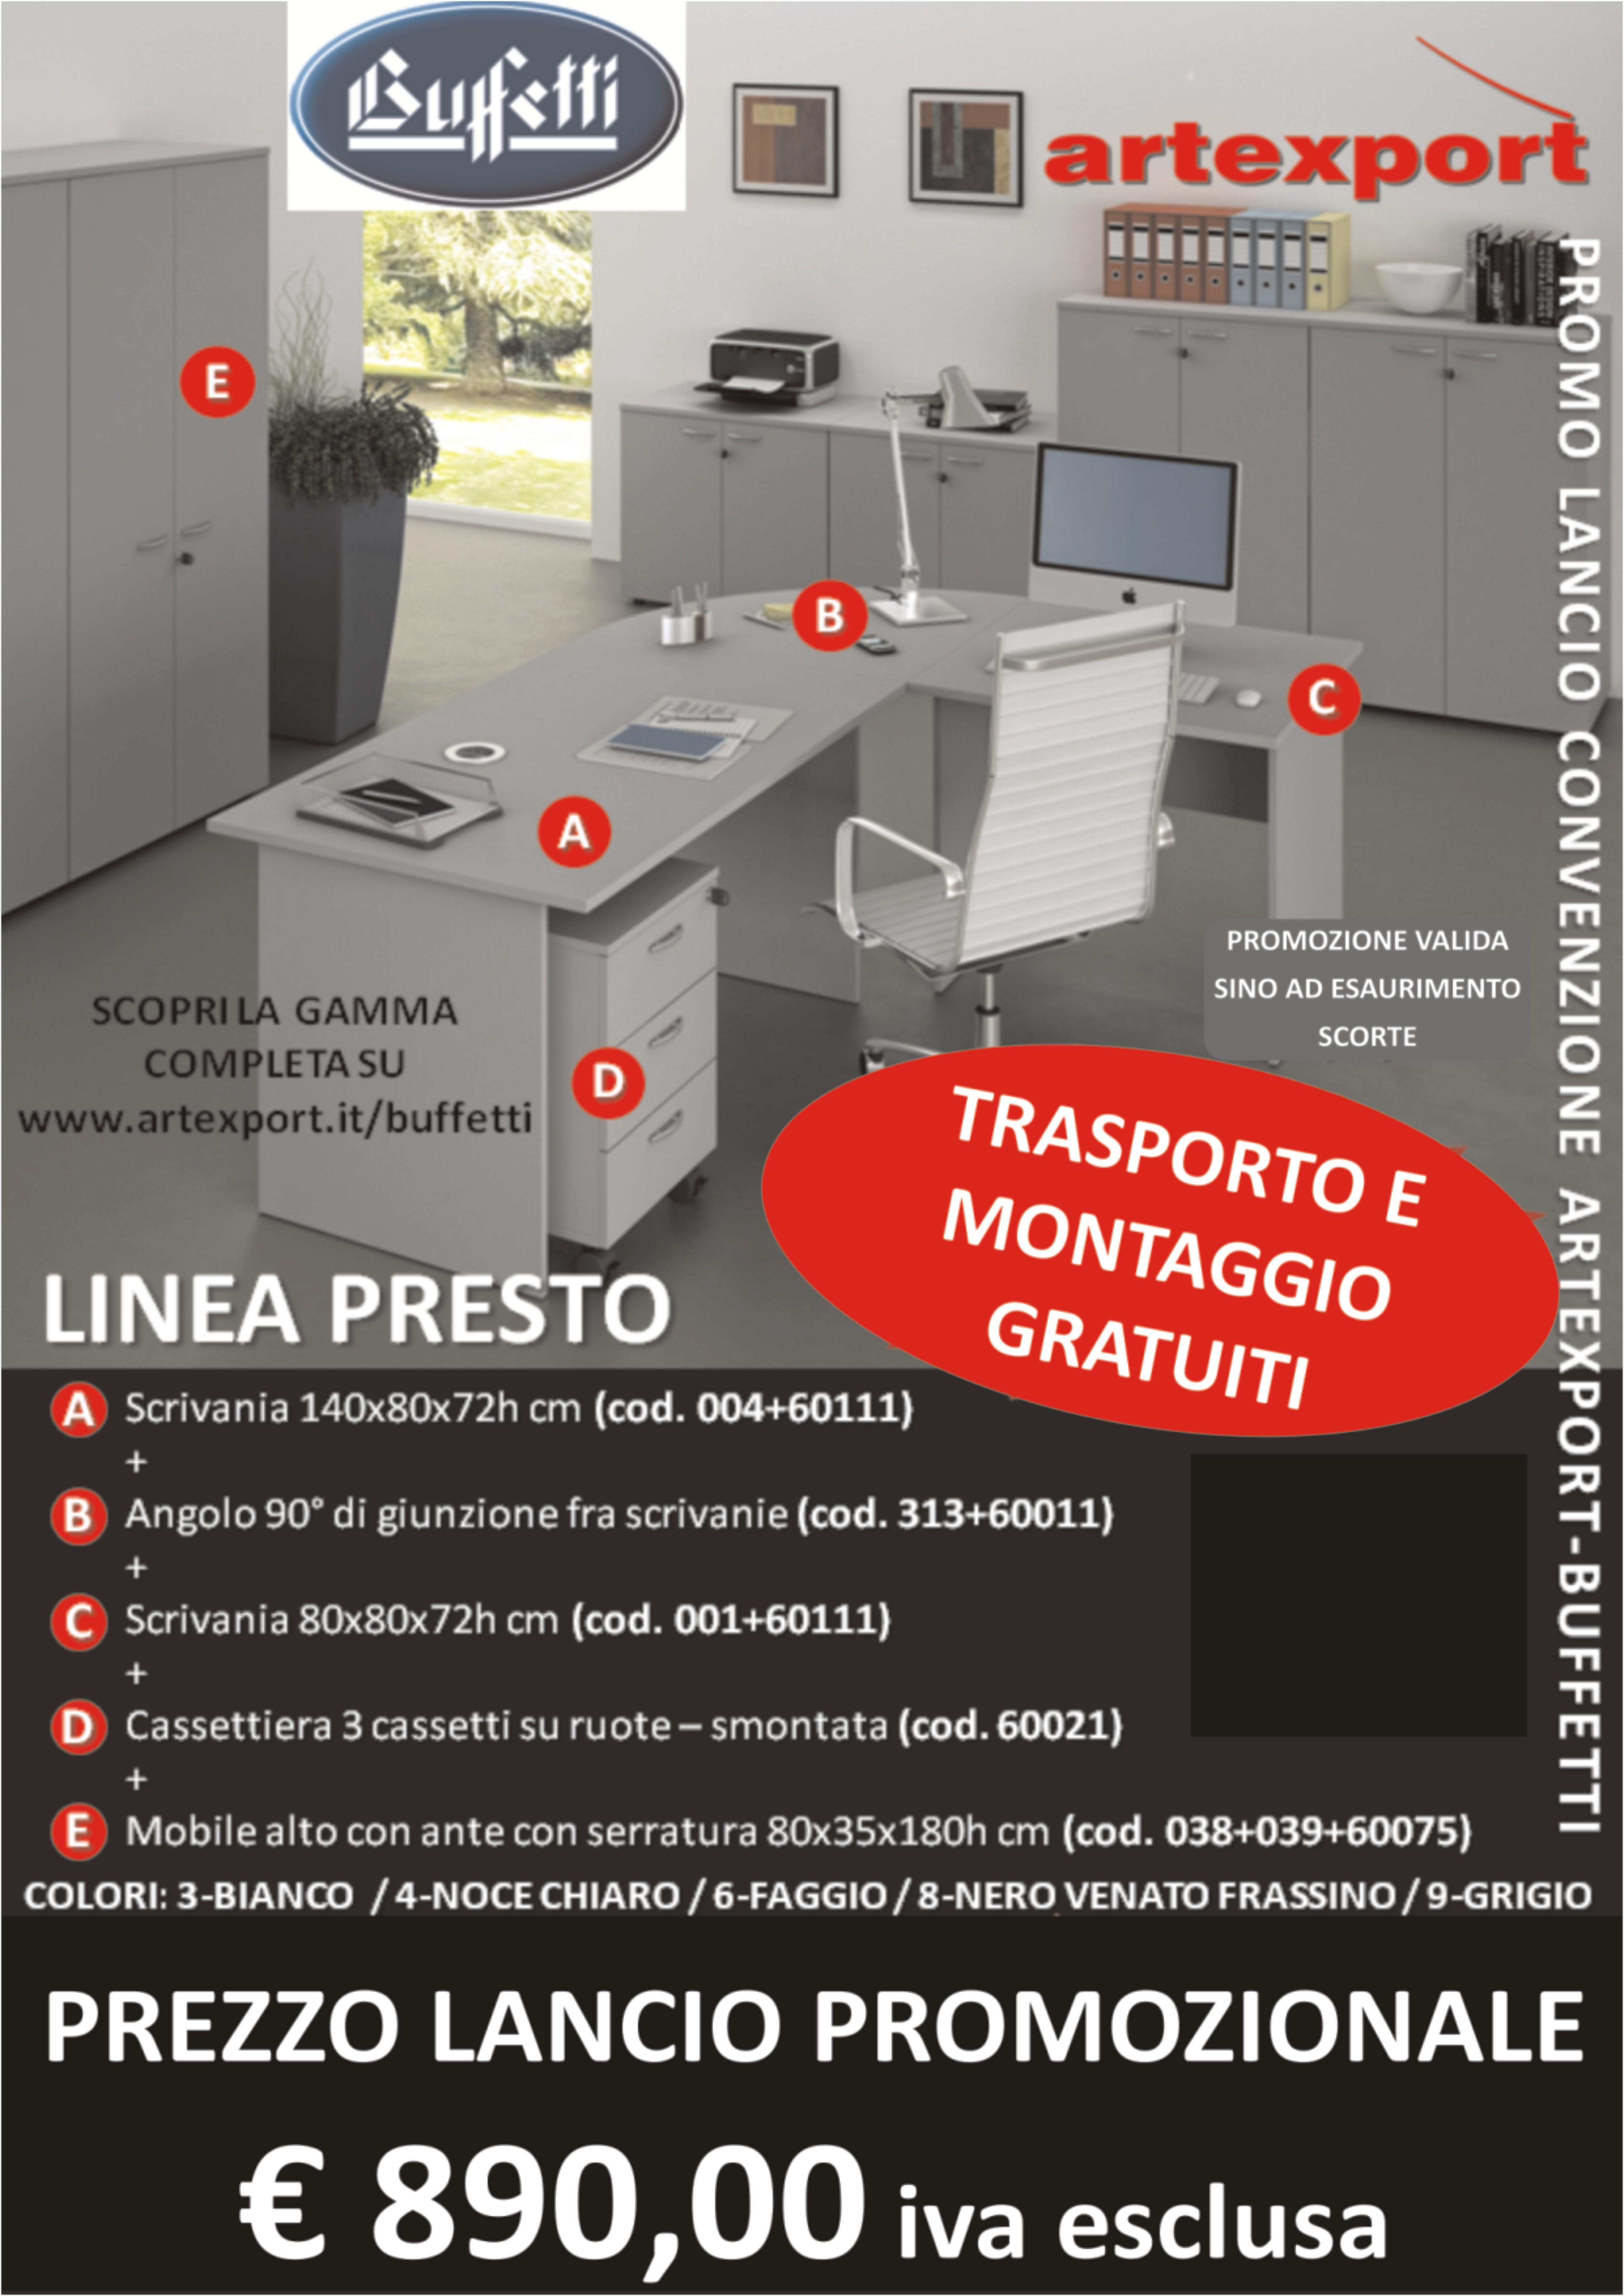 Cassettiera Ufficio Con Serratura.Composizione Ufficio Linea Presto Prezzo Lancio